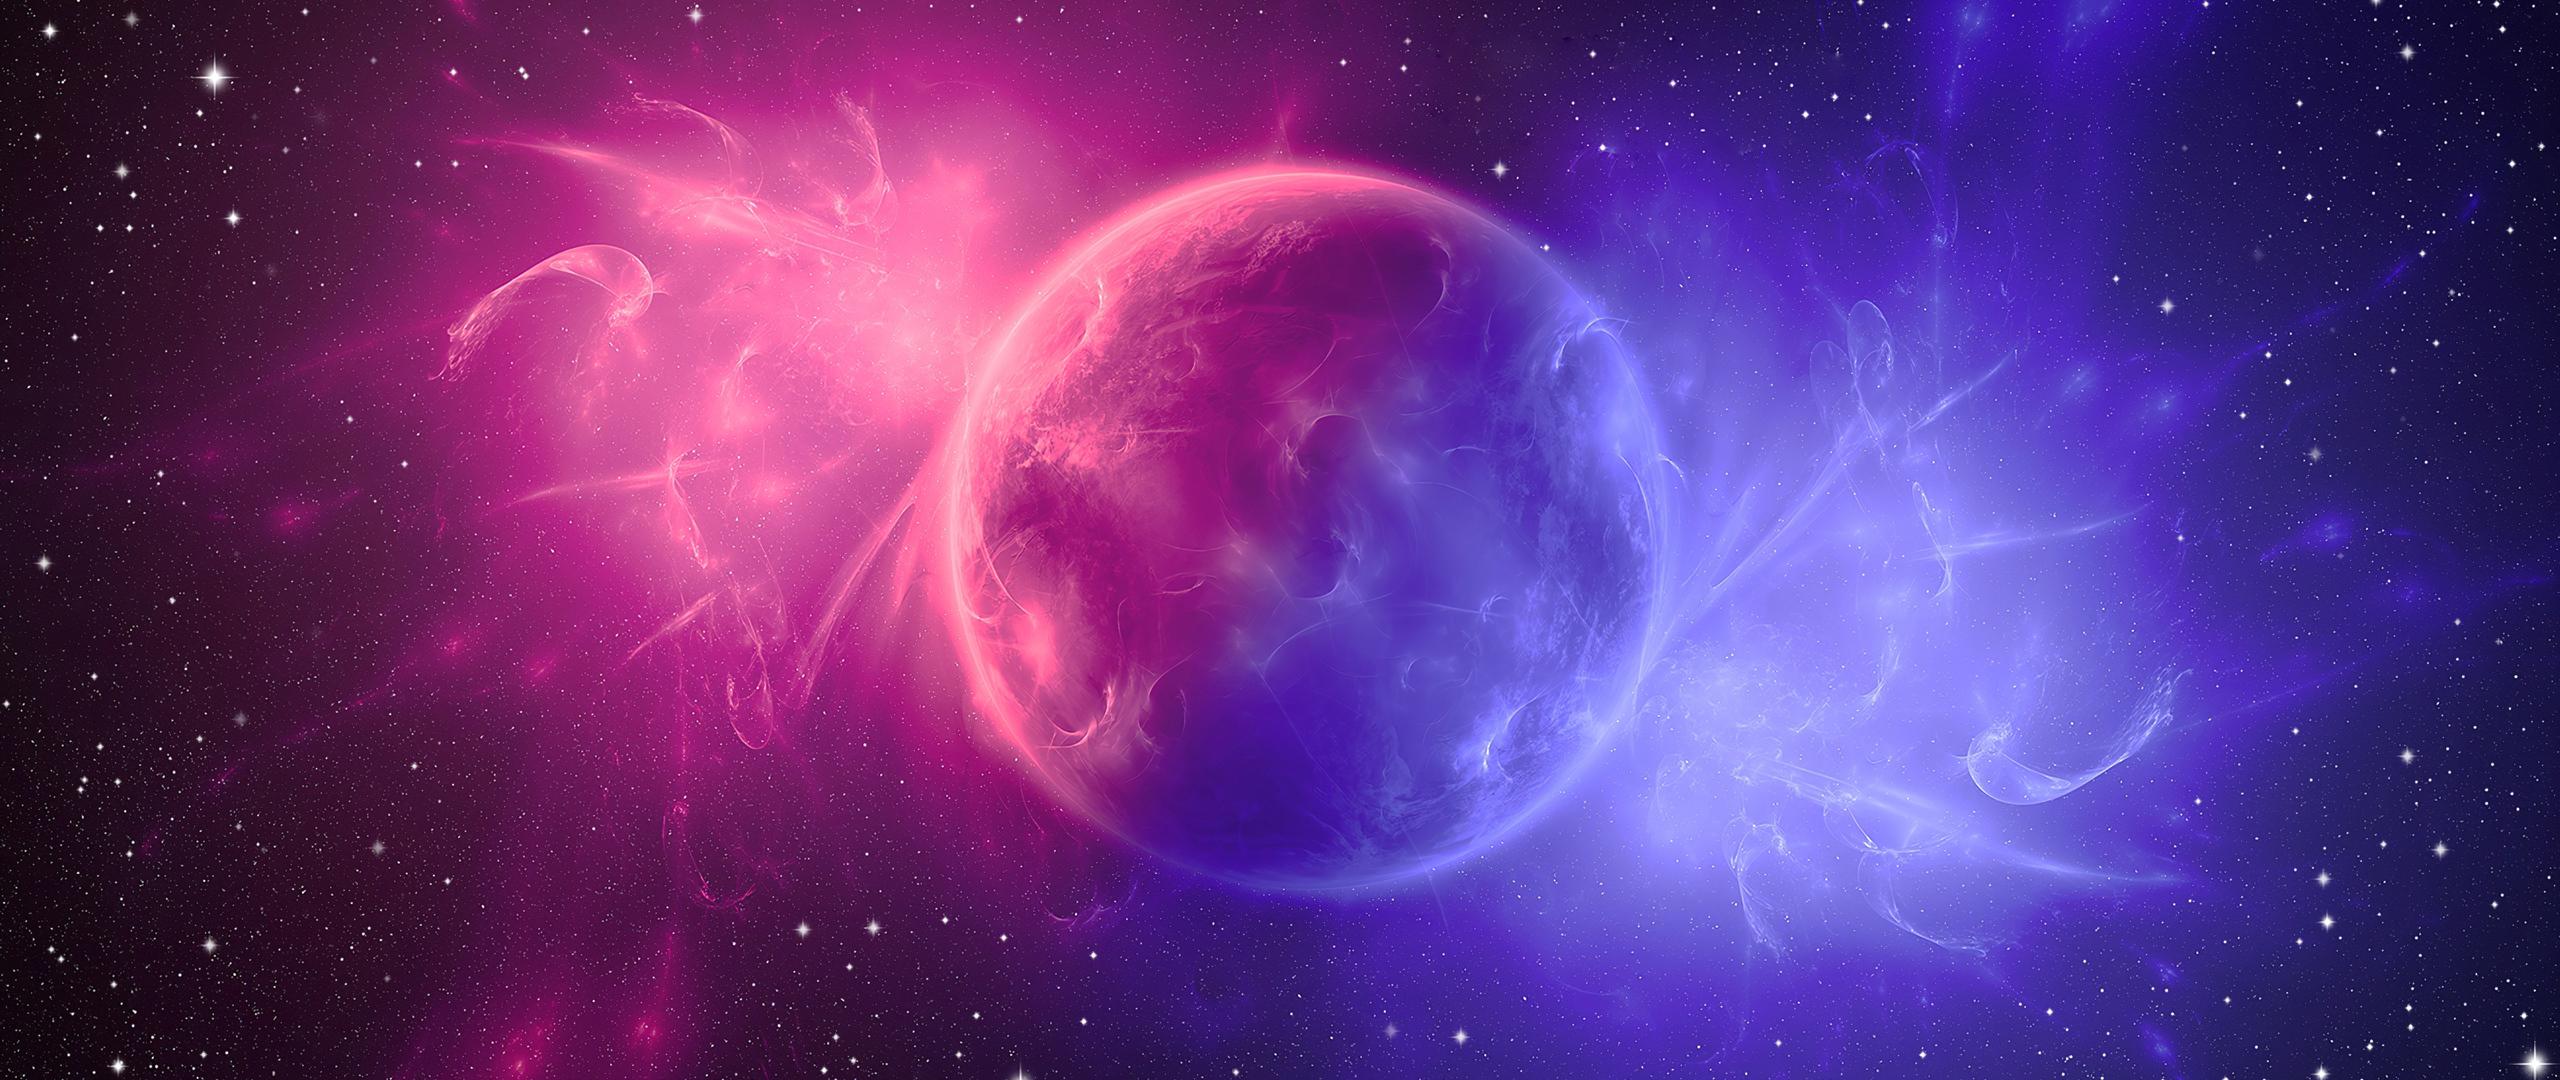 space-digital-art-pink-planet-4k-d3.jpg